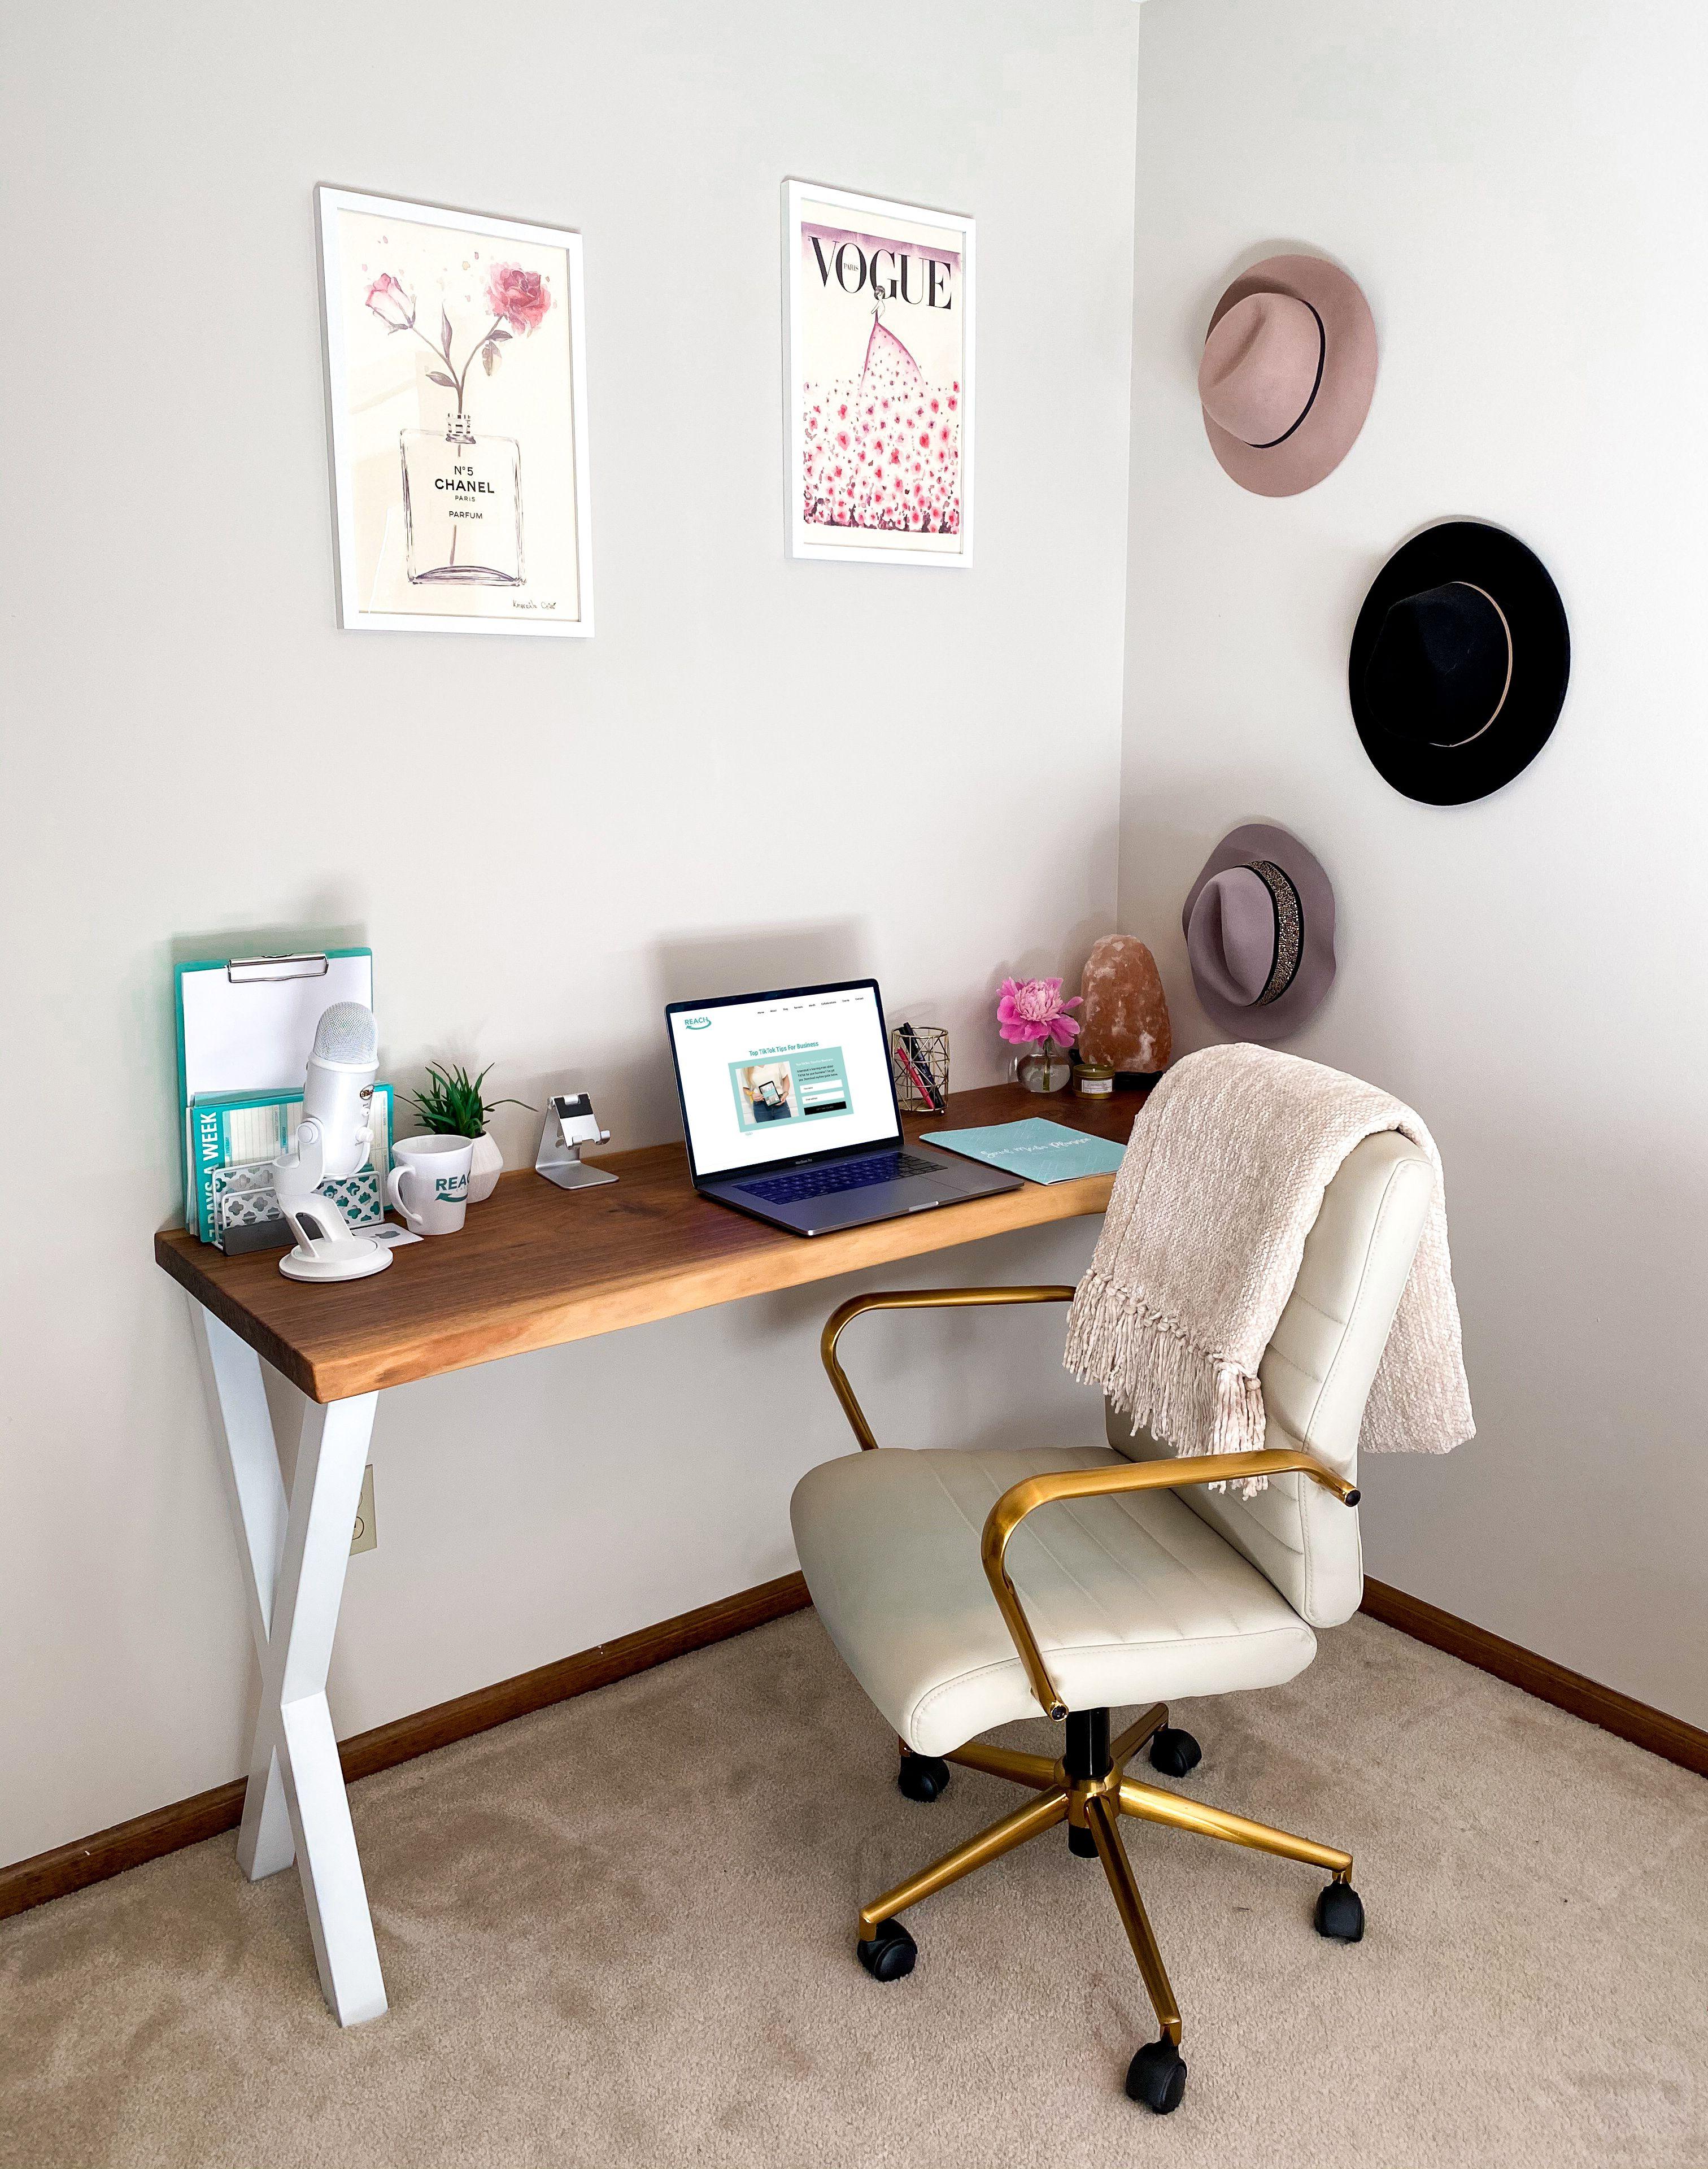 Tiktok Tips For Business Room Inspiration Room Decor Home Decor